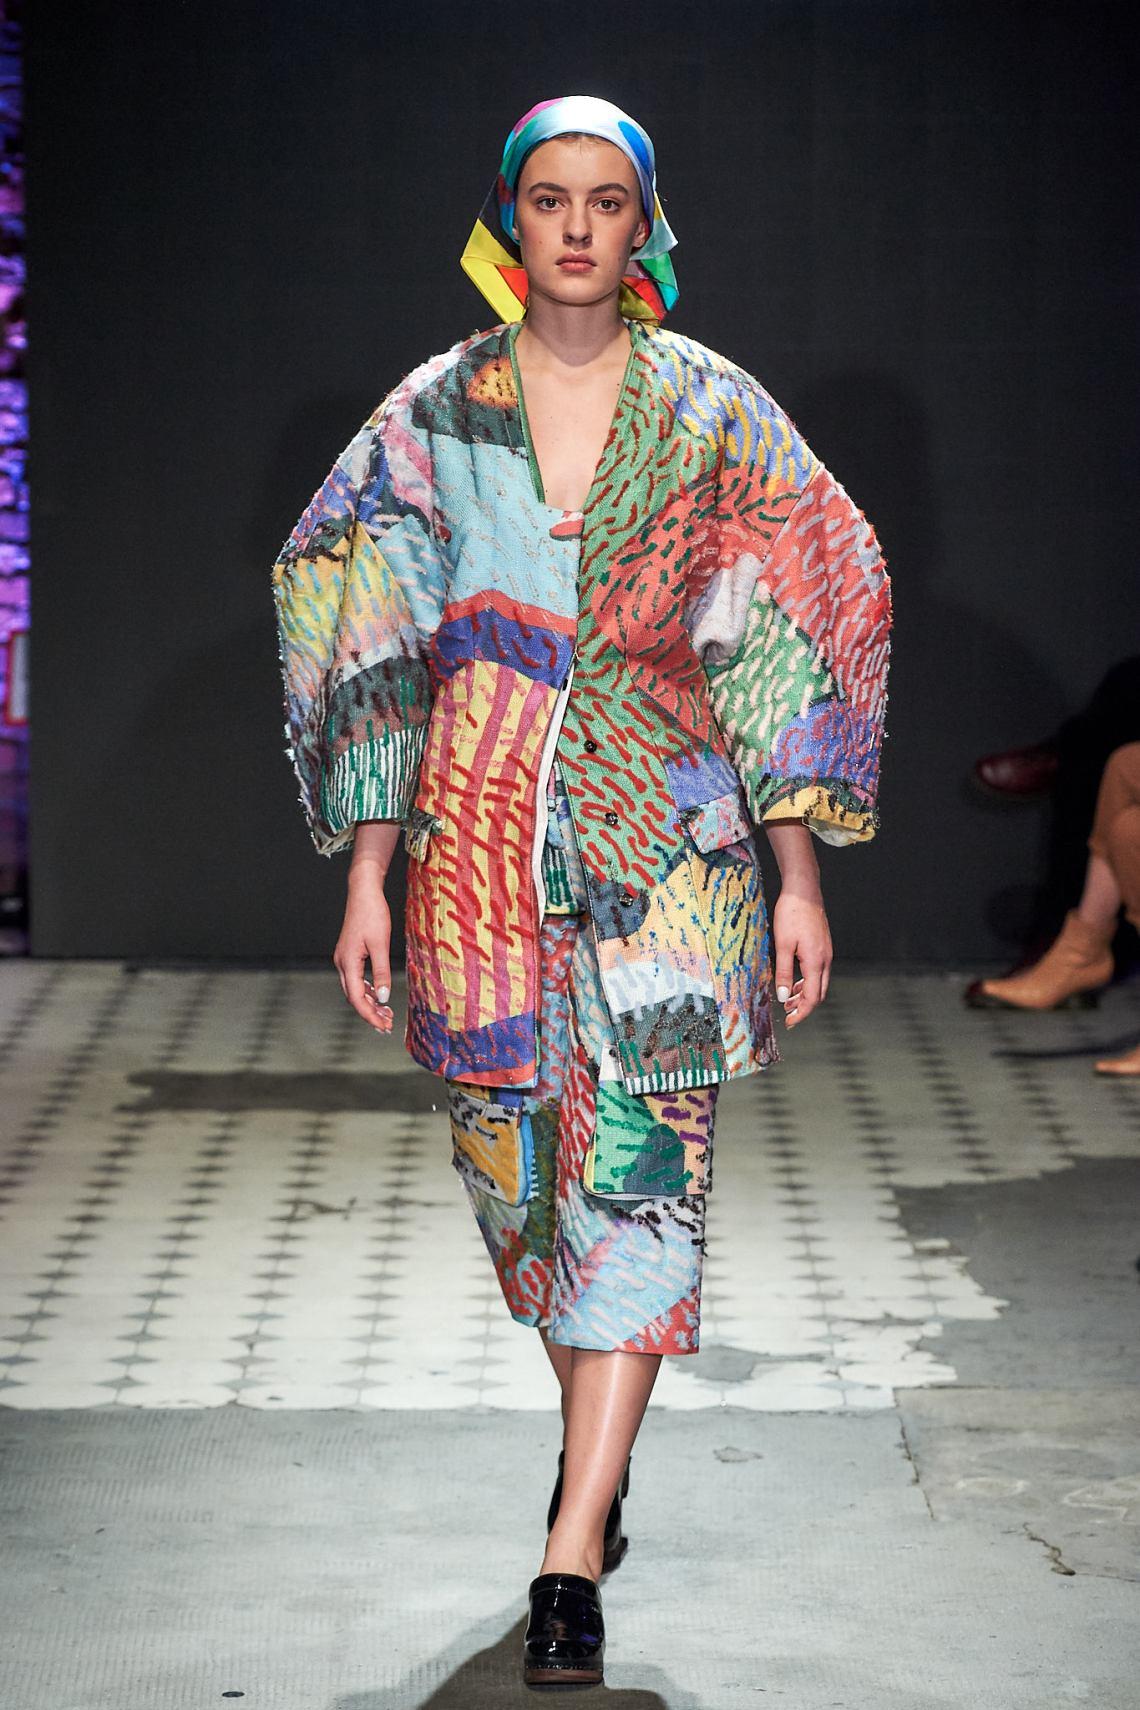 12_KTW_DAY2_121019_CZAK_lowres-fotFilipOkopny-FashionImages